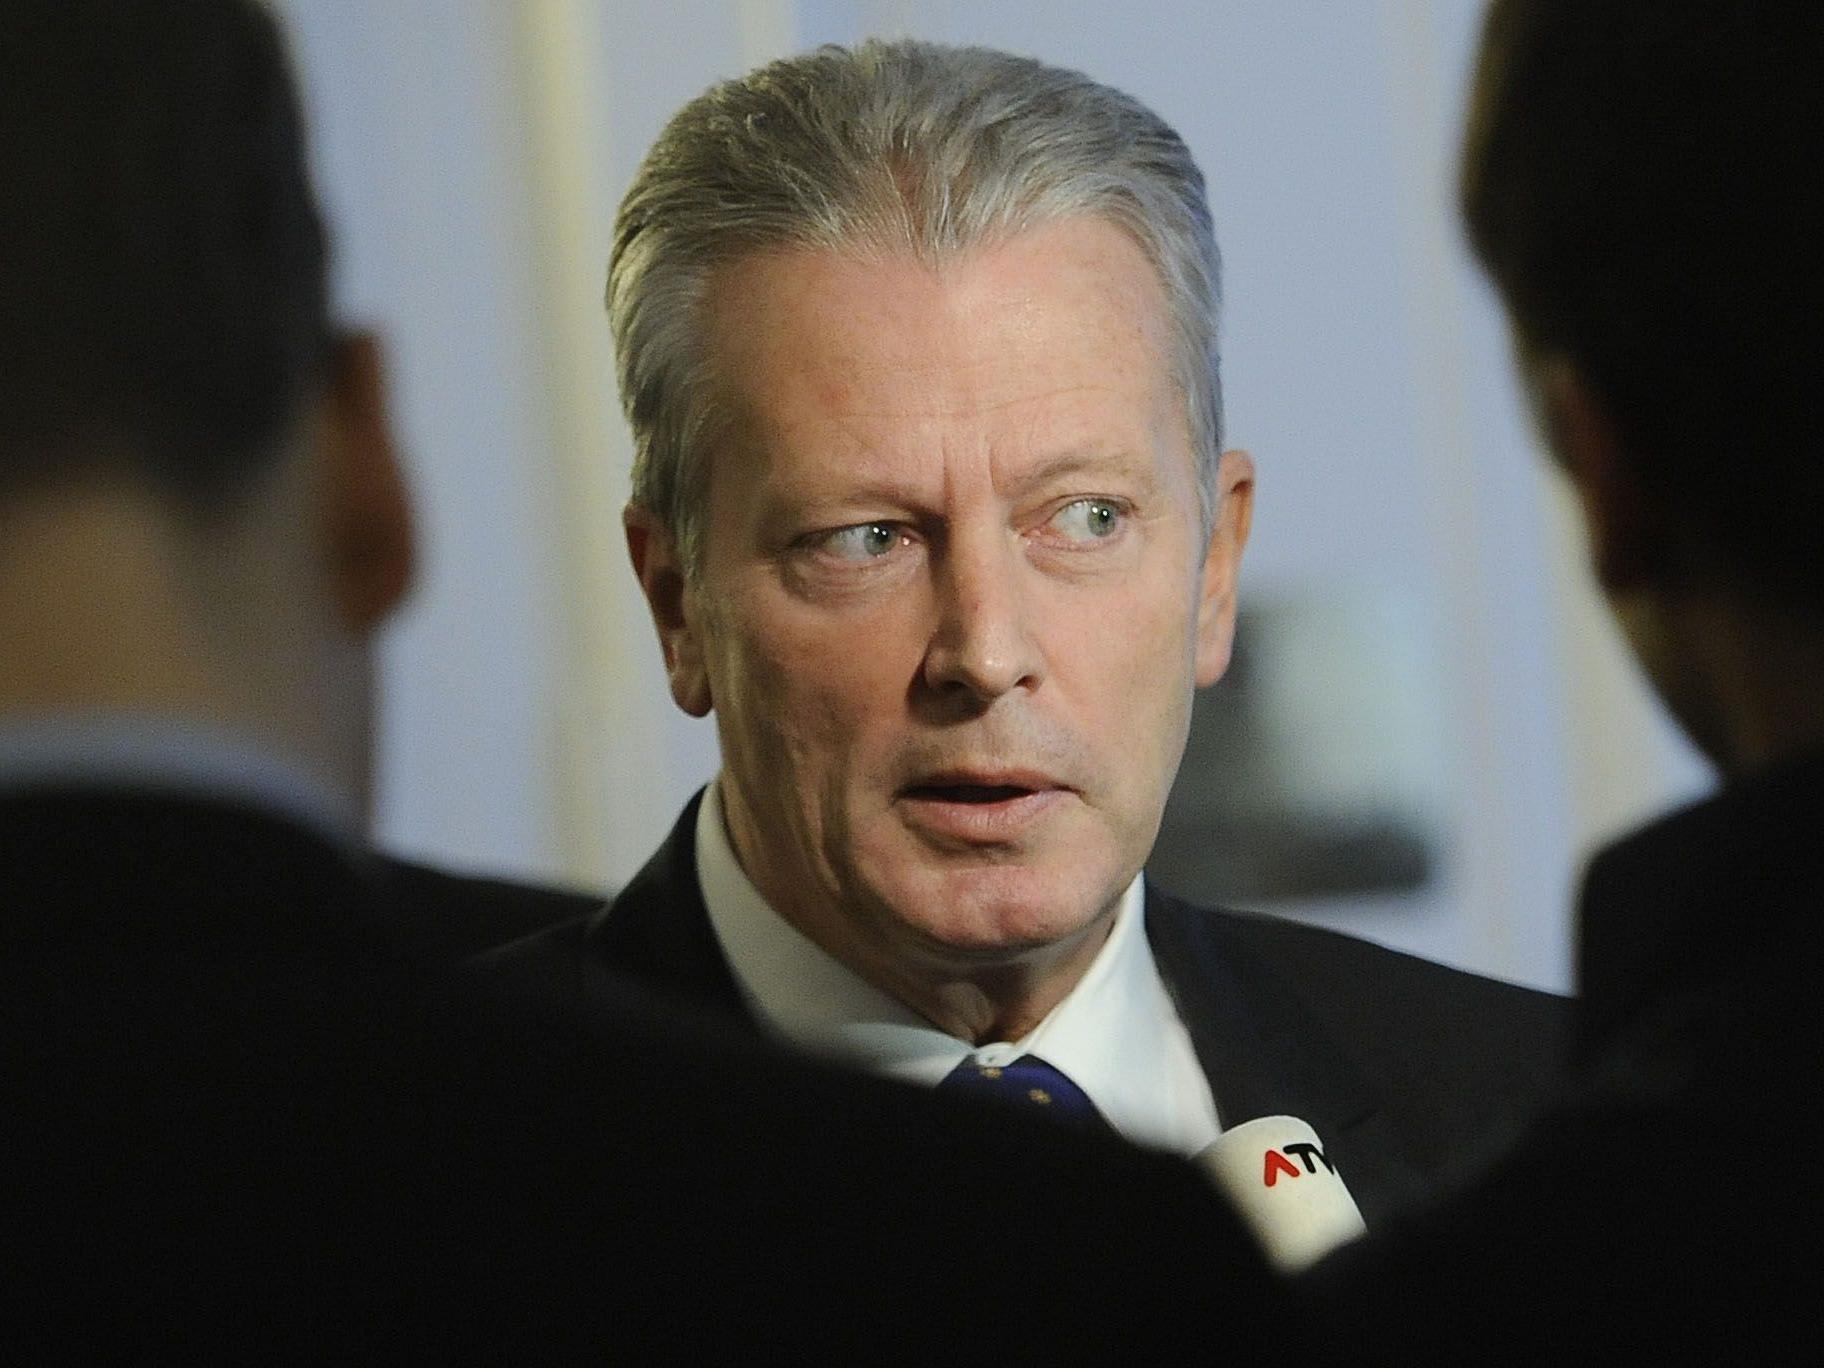 Wirtschaftsminister Mitterlehner sieht keine Möglichkeit den Spritpreis amtlich zu regeln.